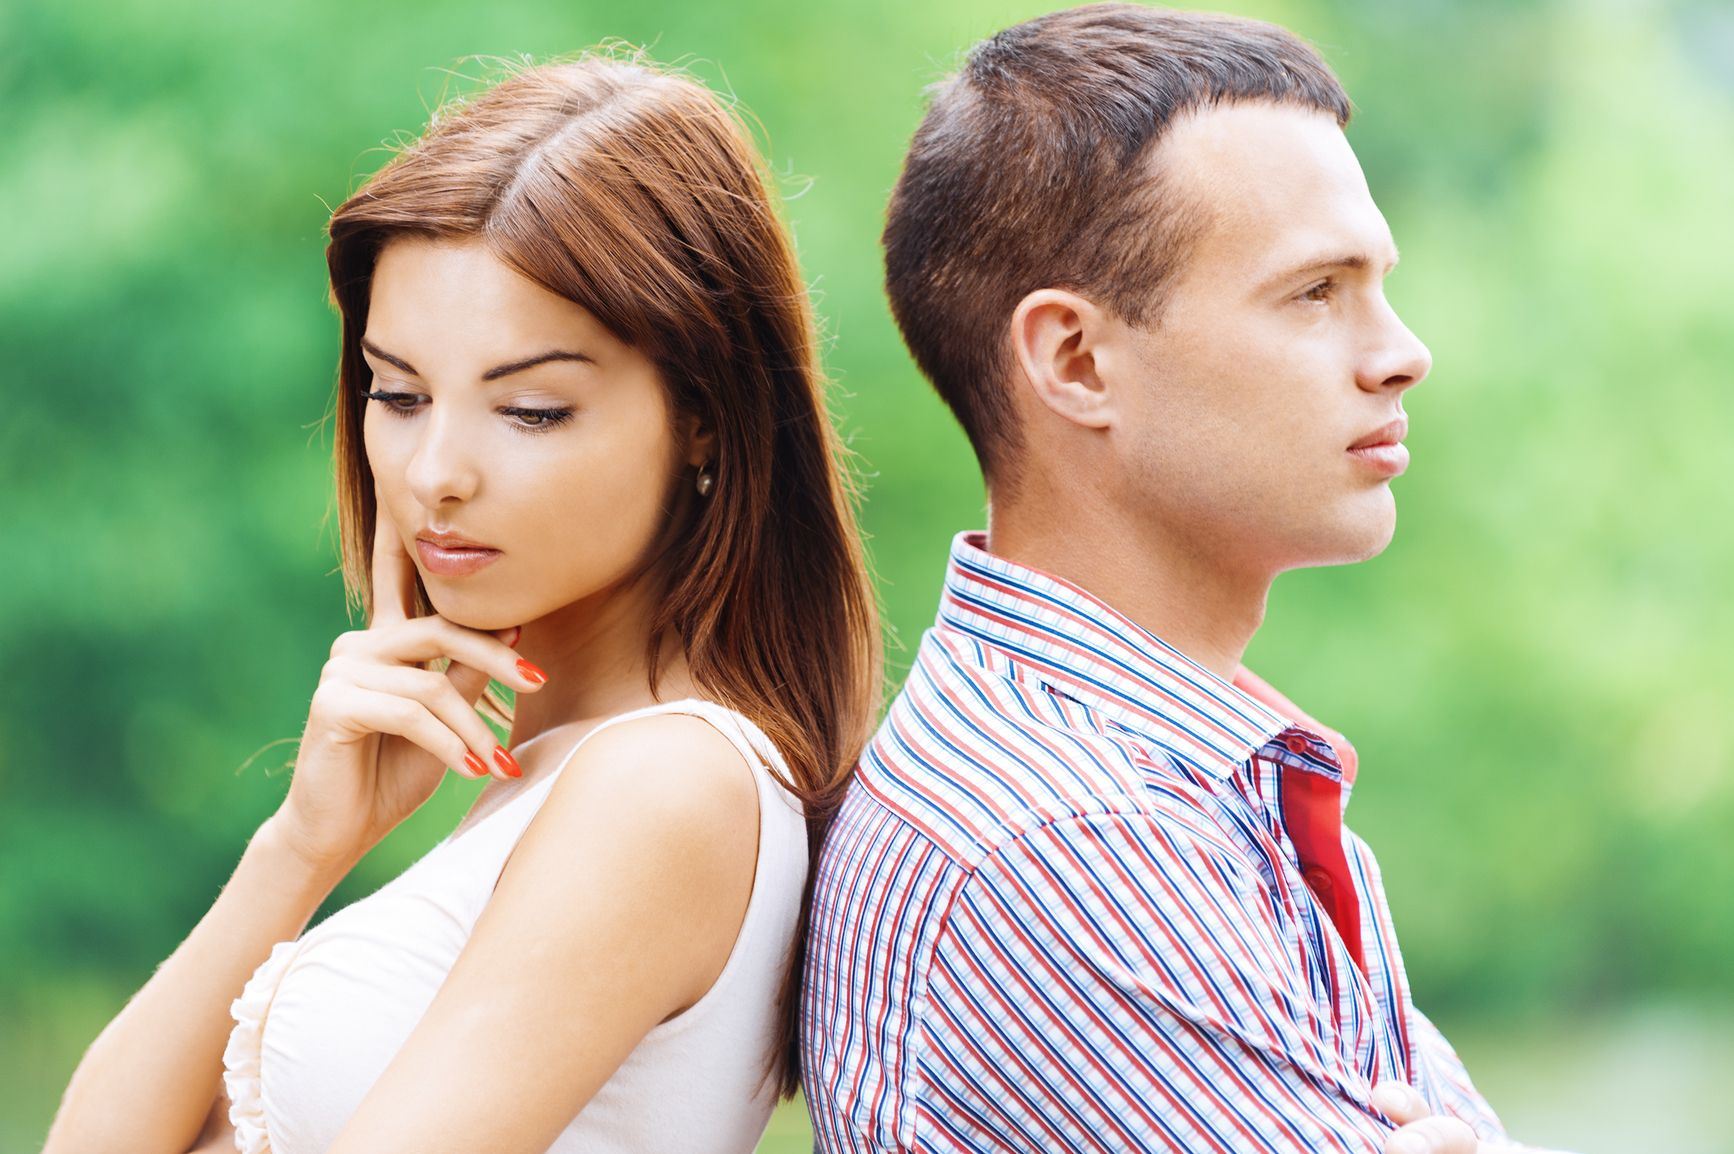 Как сделать так чтобы парень больше любил